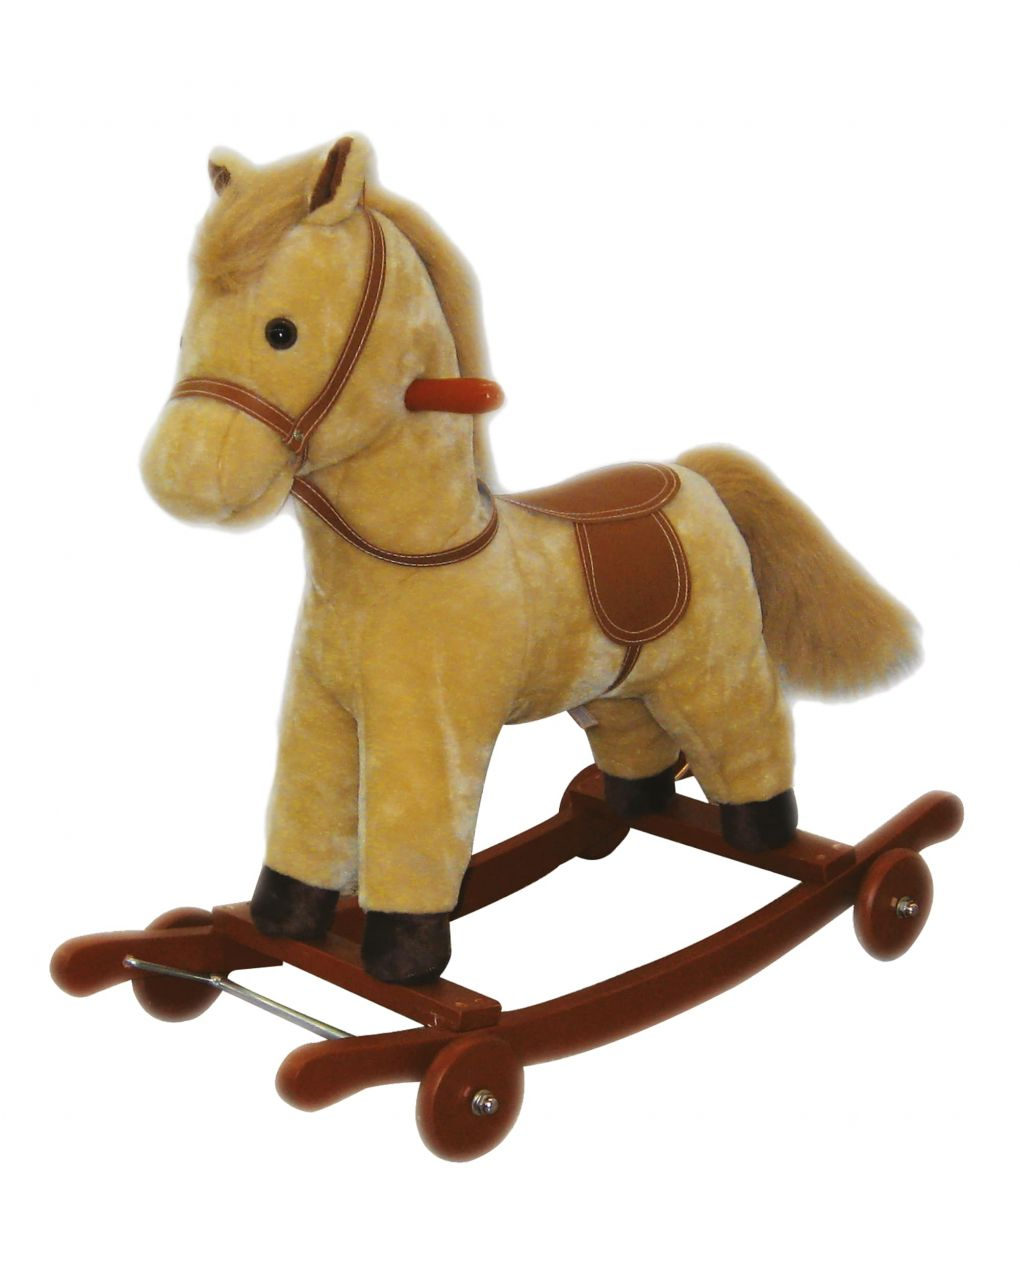 Ami plush - cavallo a dondolo con suoni - Ami Plush